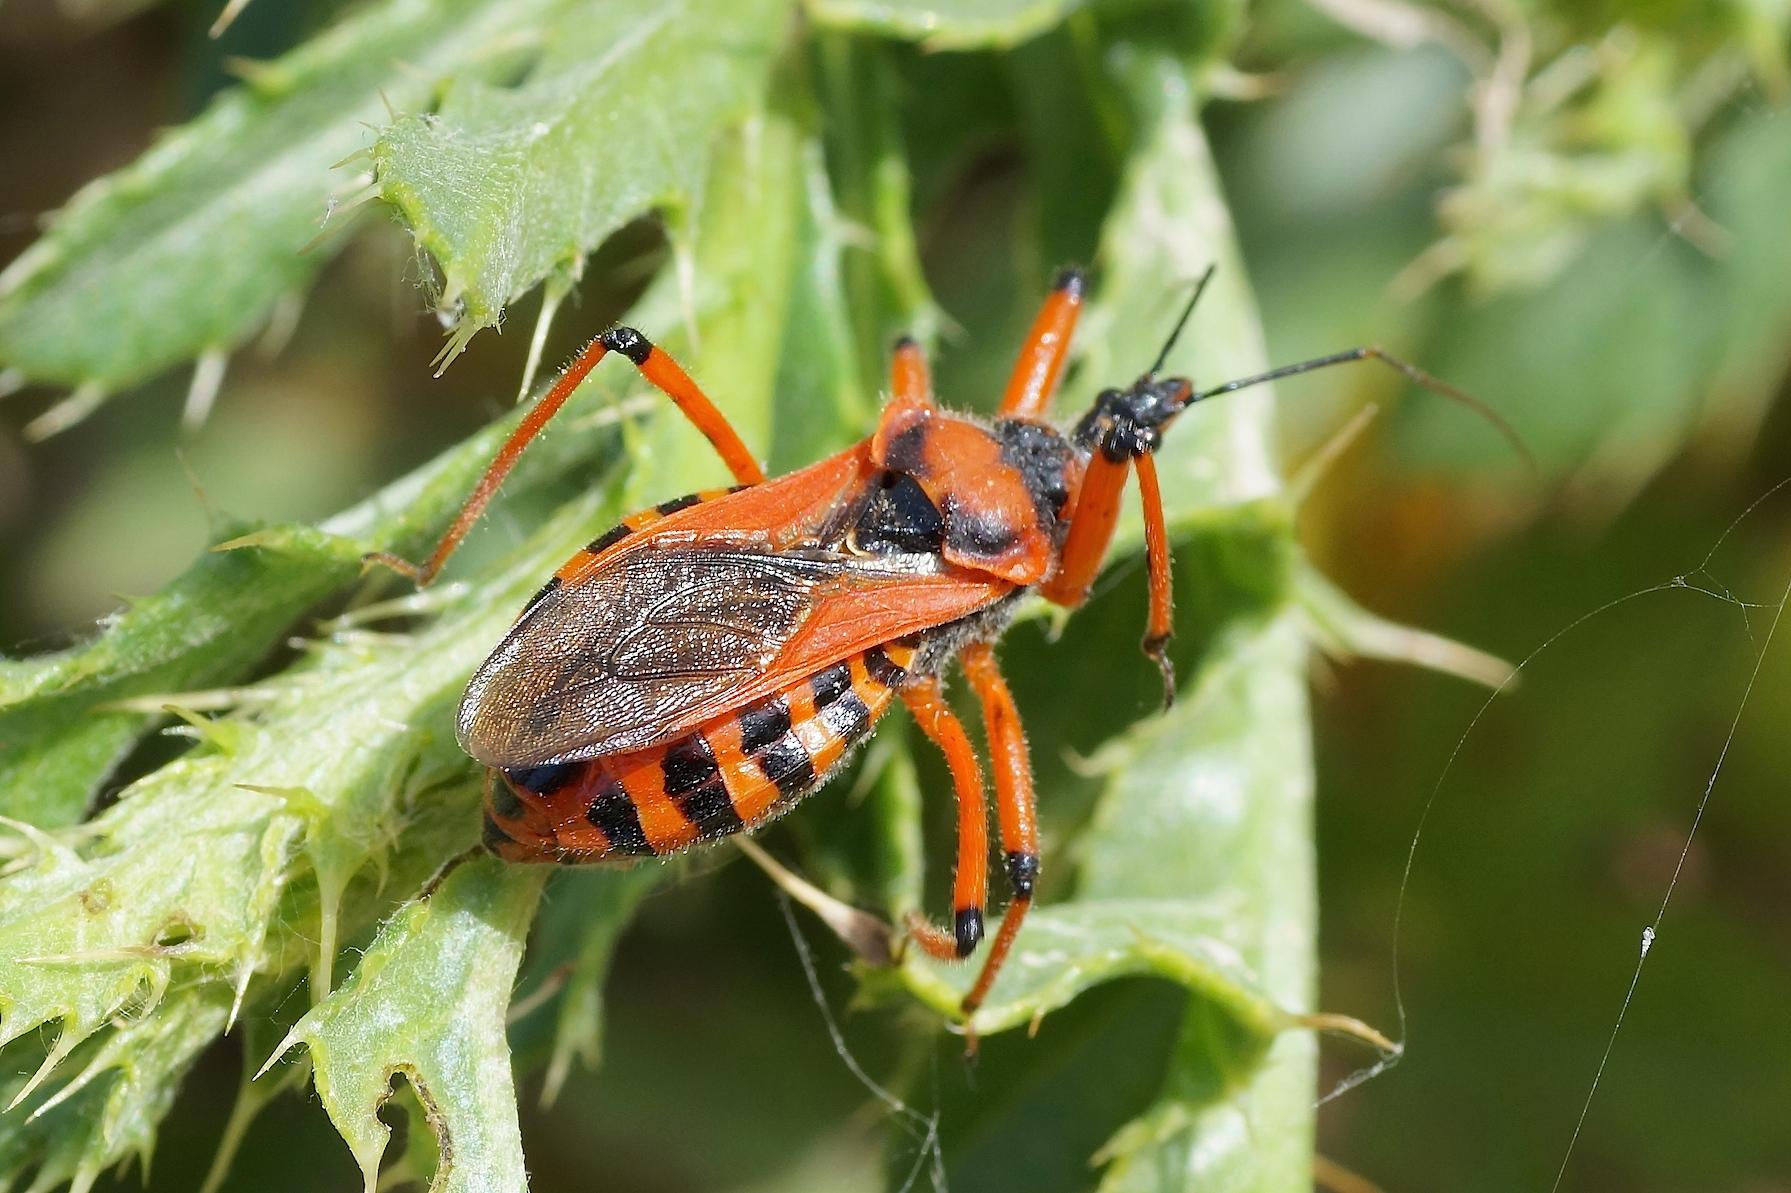 Le r duve irascible quel est cet animal - Insecte rouge et noir ...